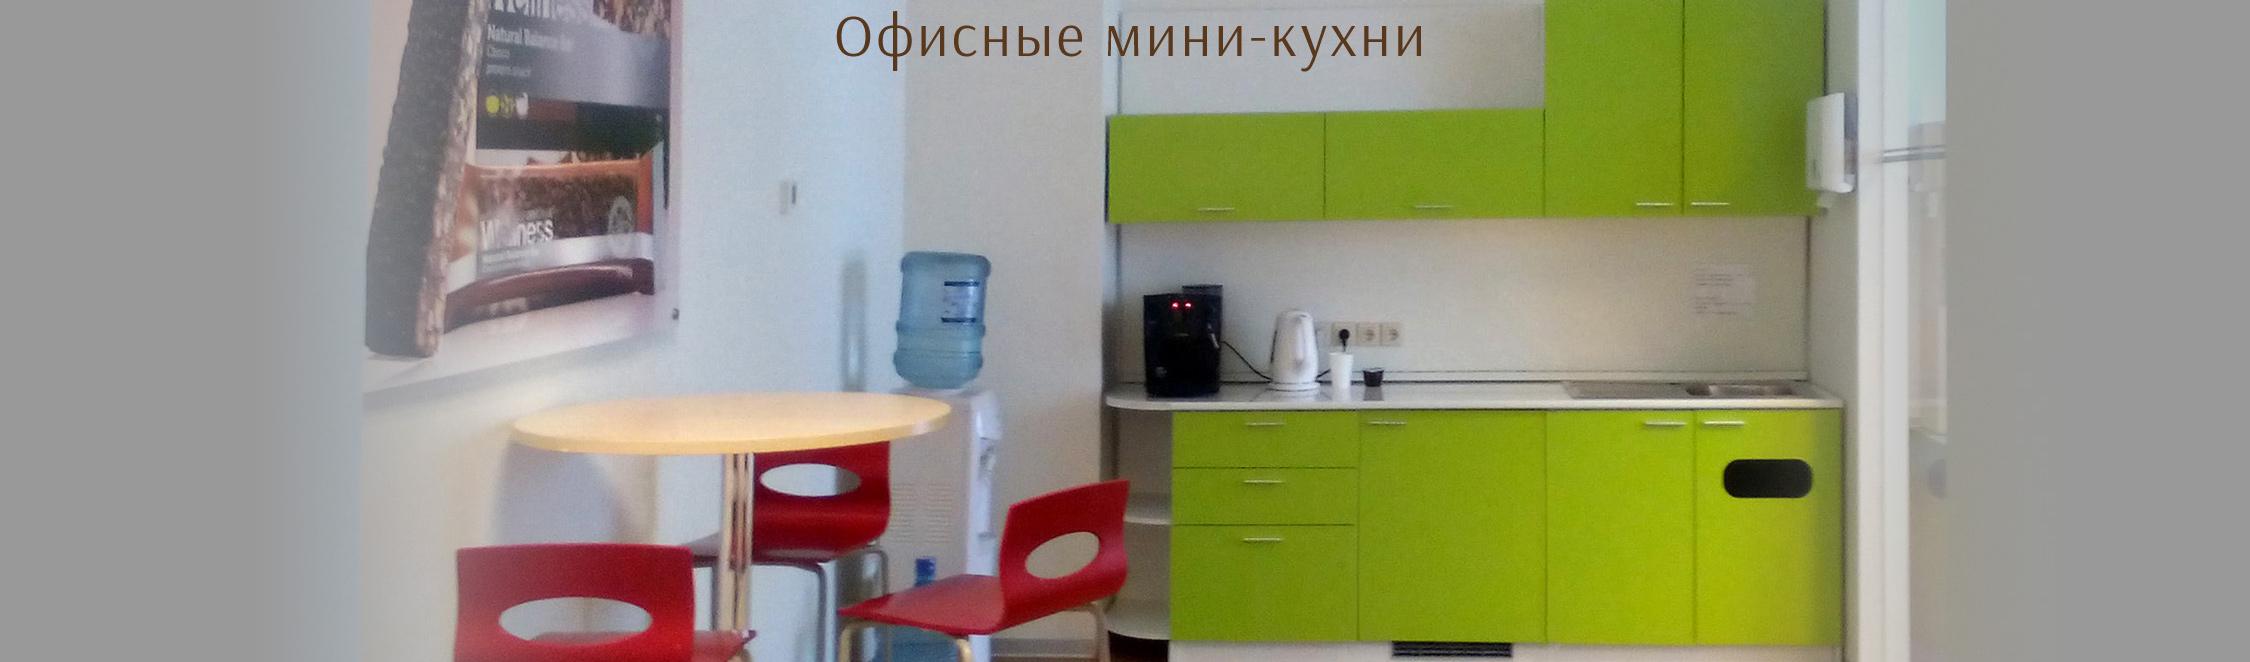 Мини кухни для офиса на заказ